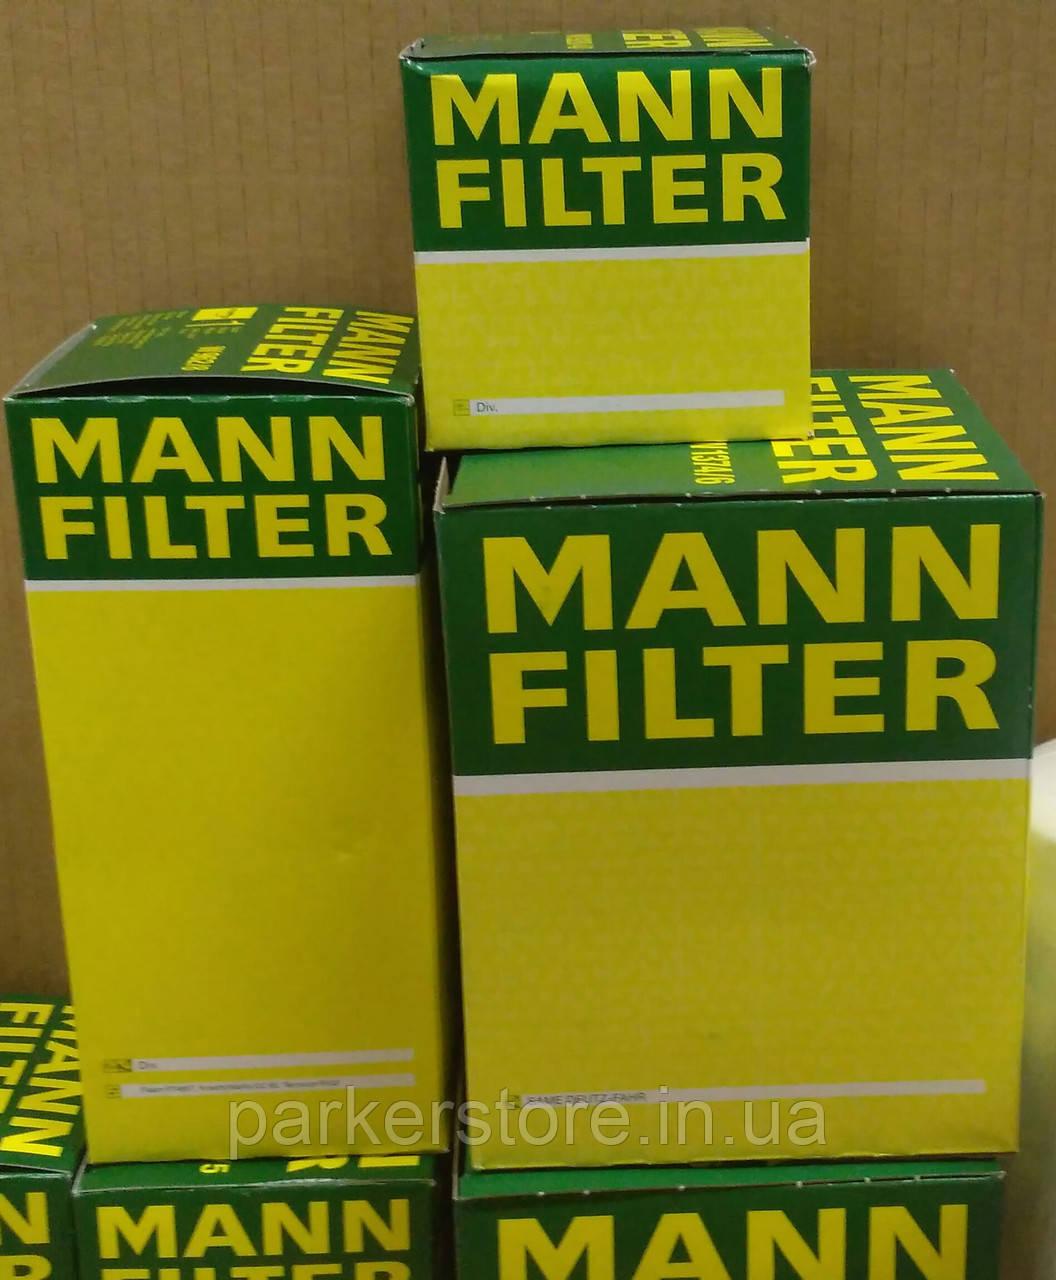 MANN FILTER / Воздушный фильтр / C 1381 / C1381